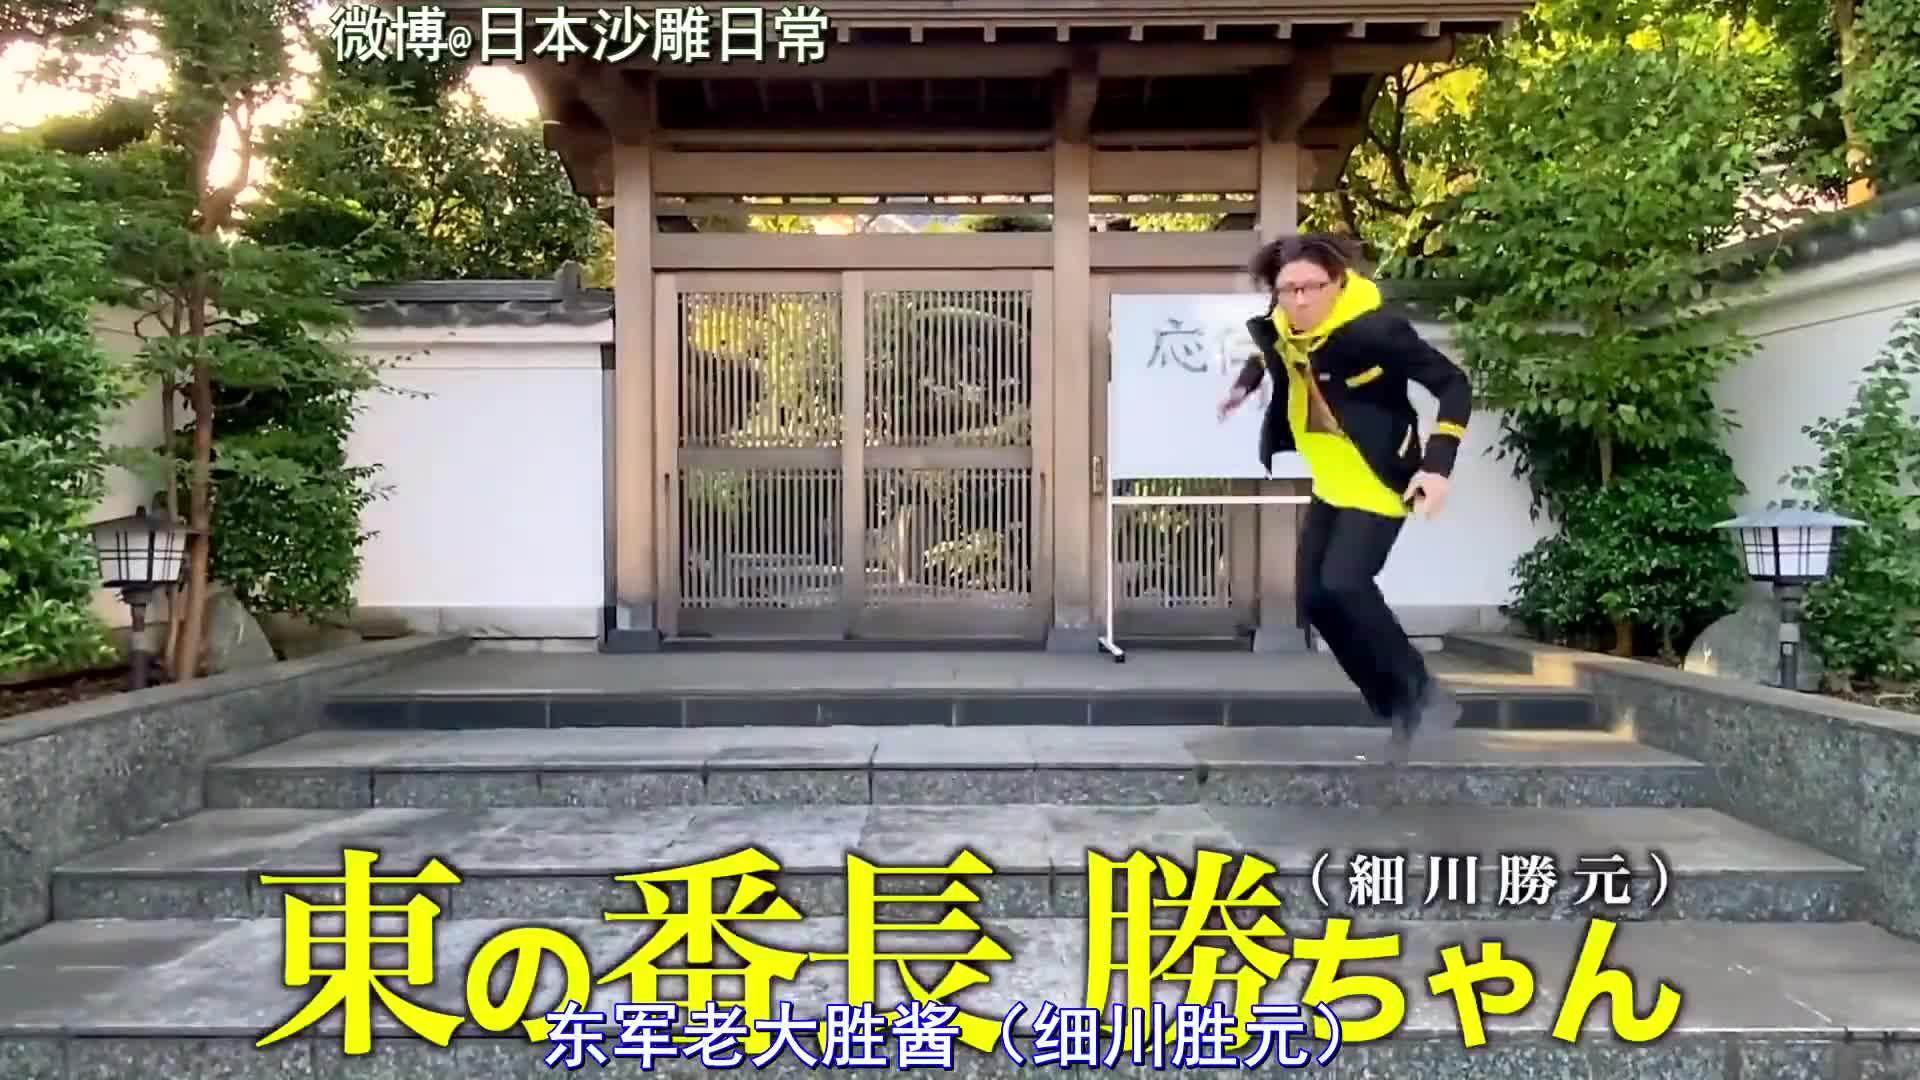 日本广播体操少年的跳舞学历史系列——应仁之乱。